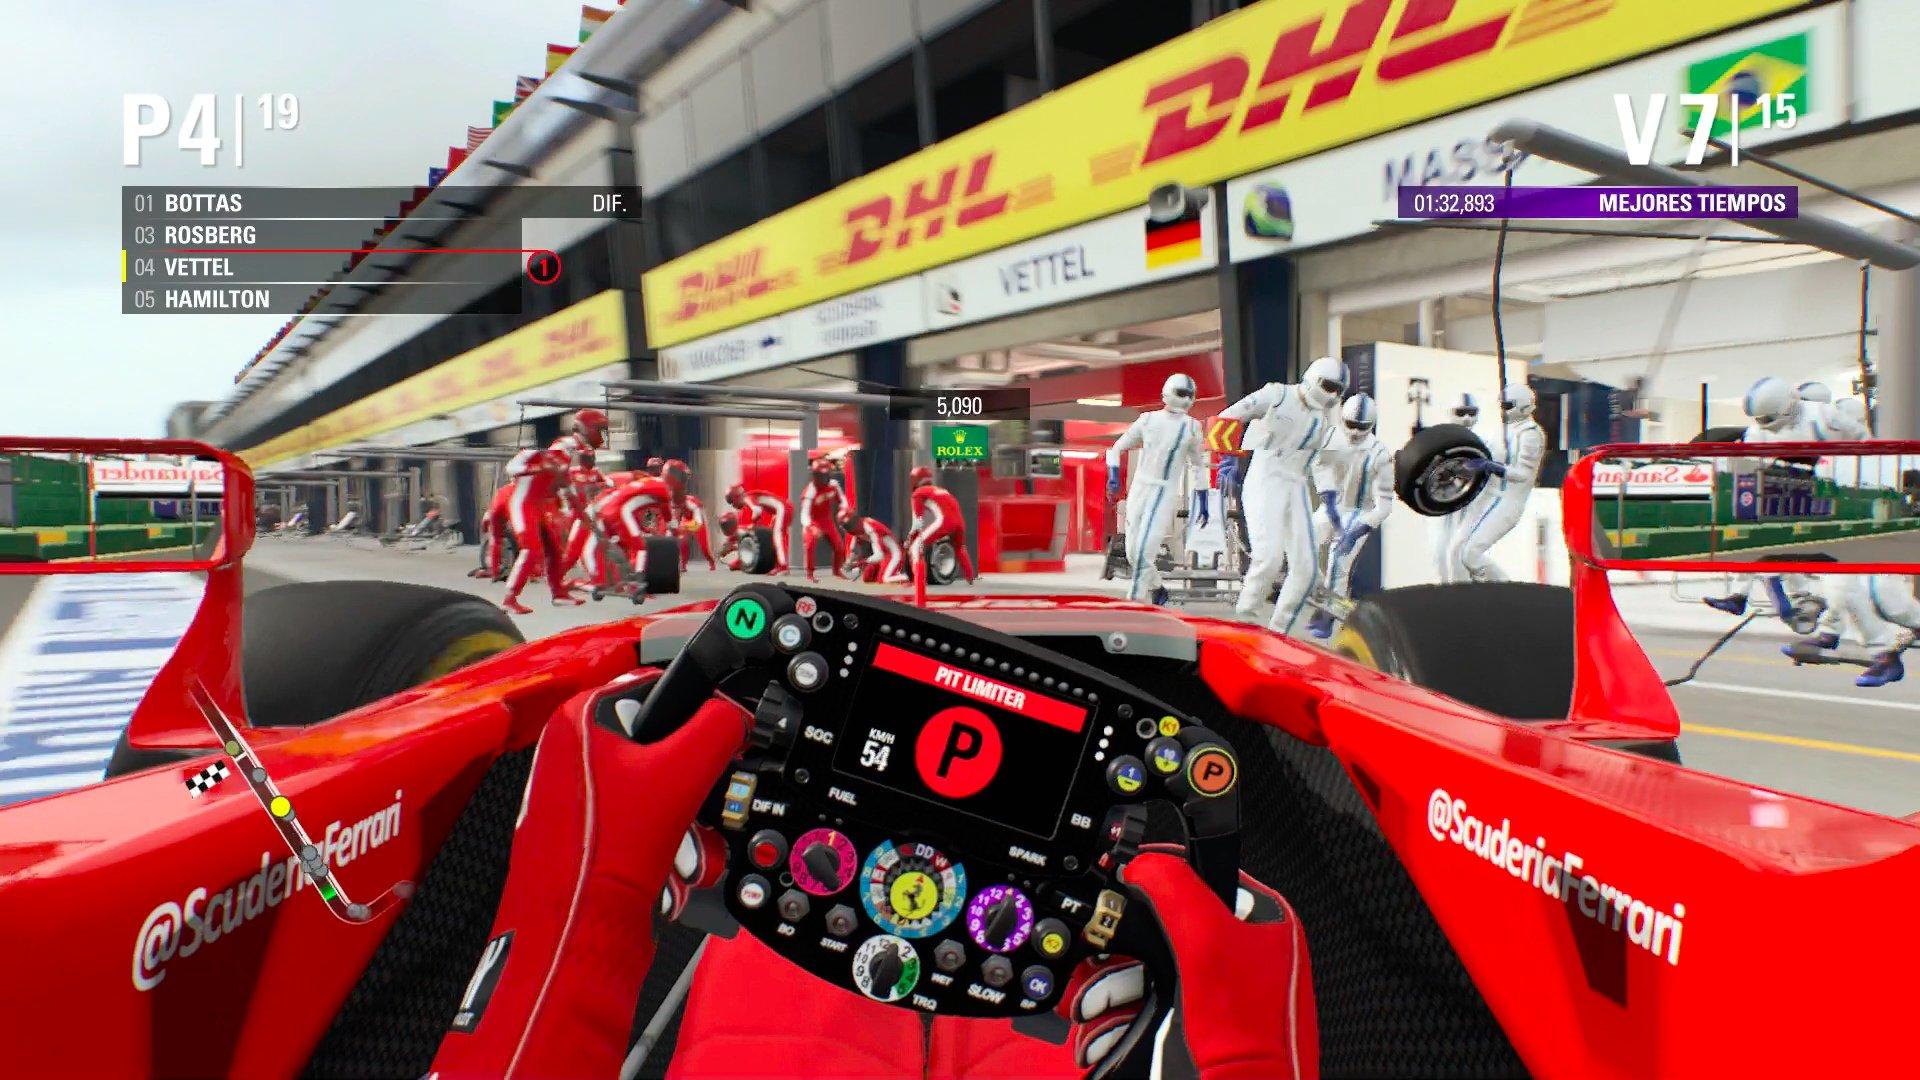   F1 15 T.XIV   Fin del F1 2015 y Fin de Temporada F1_2015-3142368